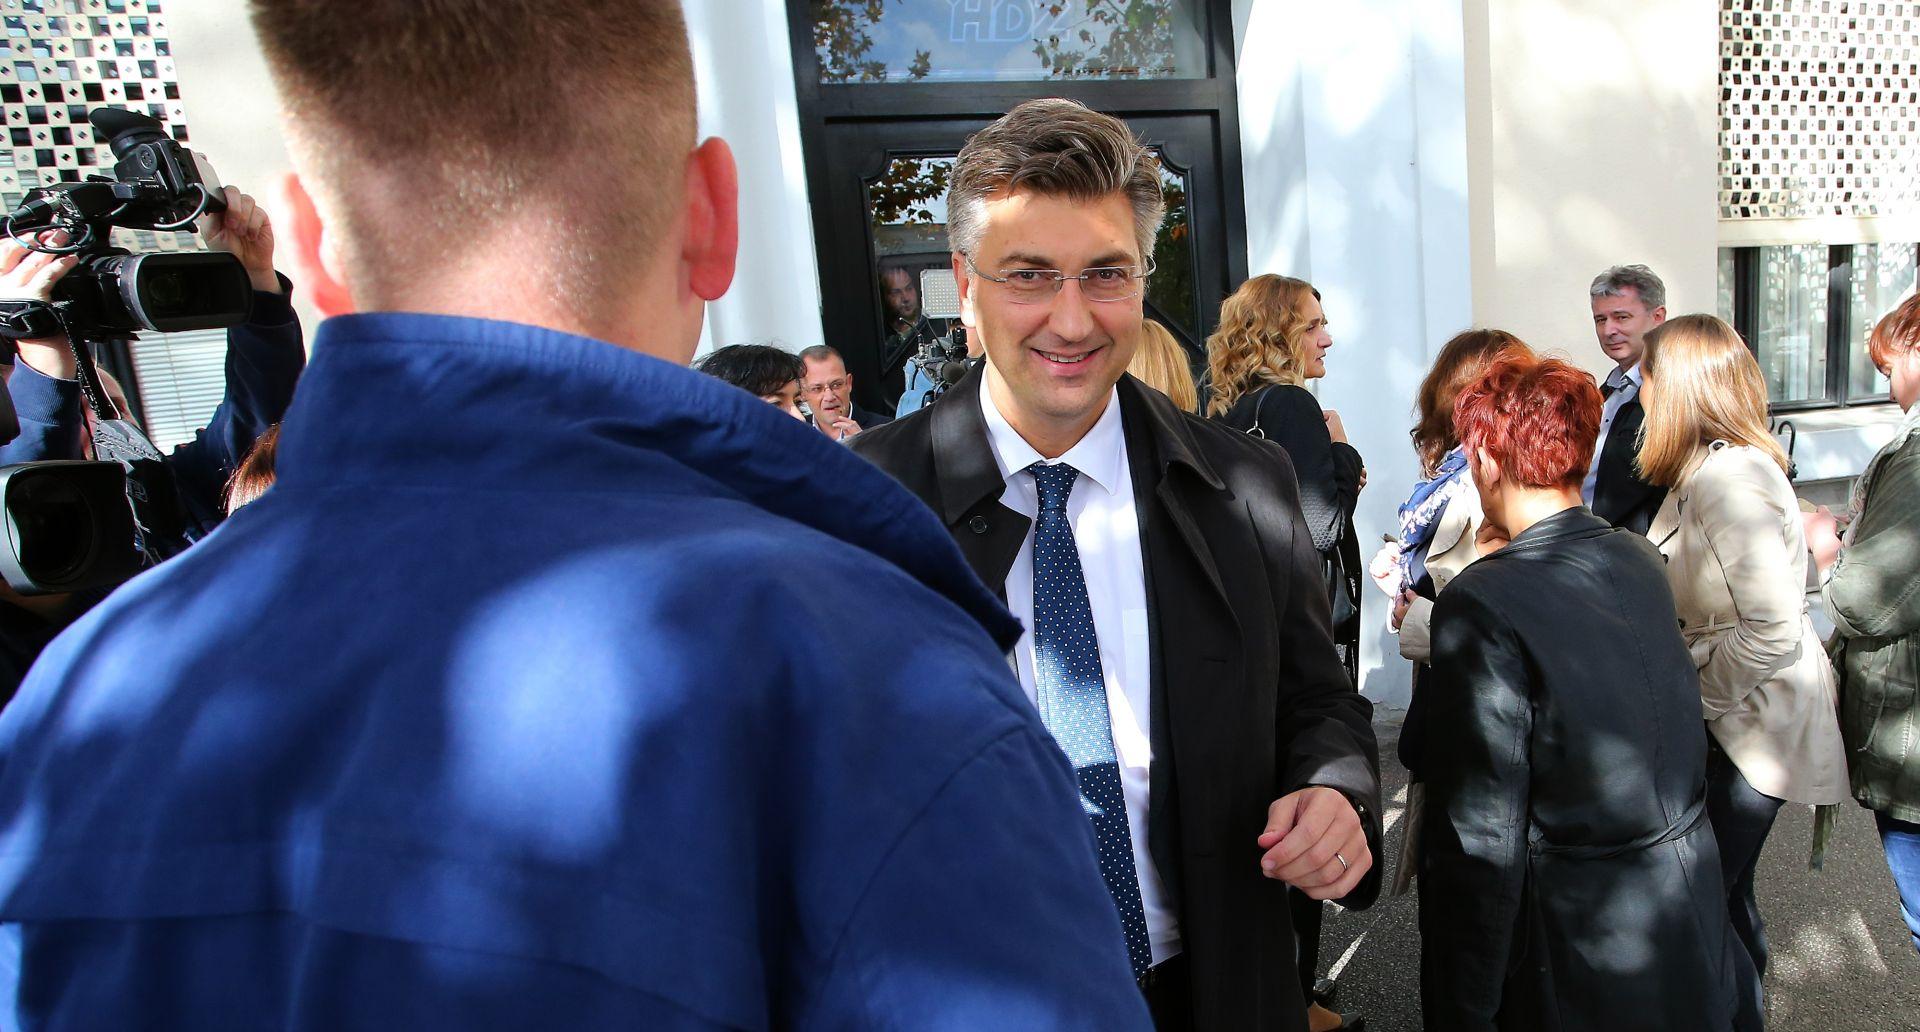 Plenković: Smatram da ćemo s Mostom naći razumno rješenje za izglasavanje vlade idući tjedan